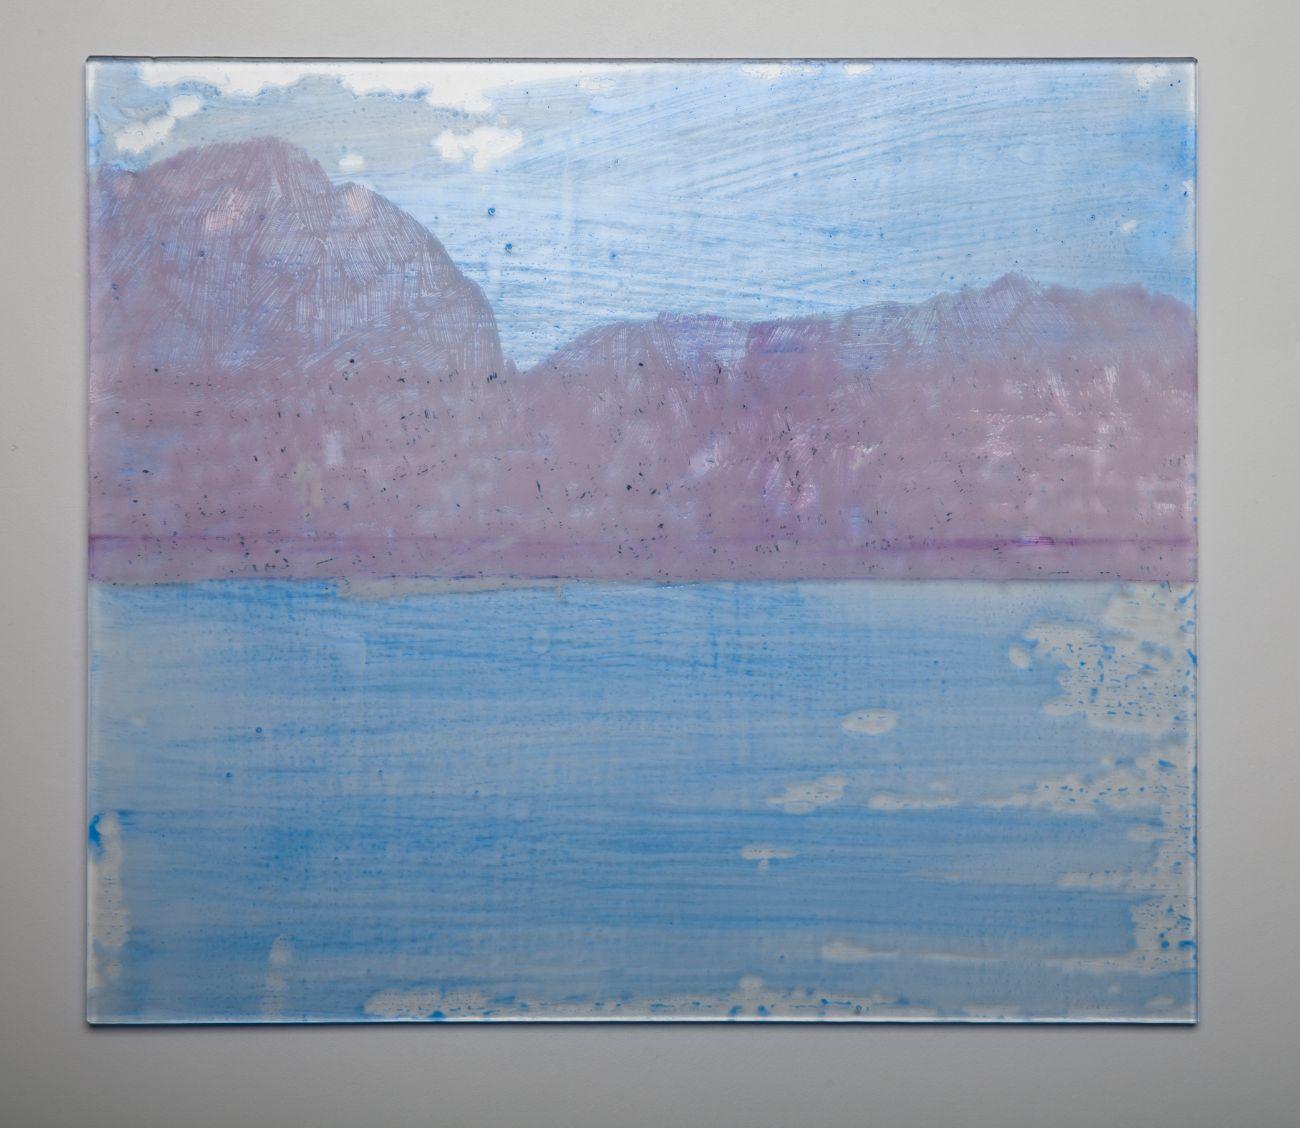 6. zo série Oceano, 35x30cm, maľba, kresba a gravírovanie na skle, 2017